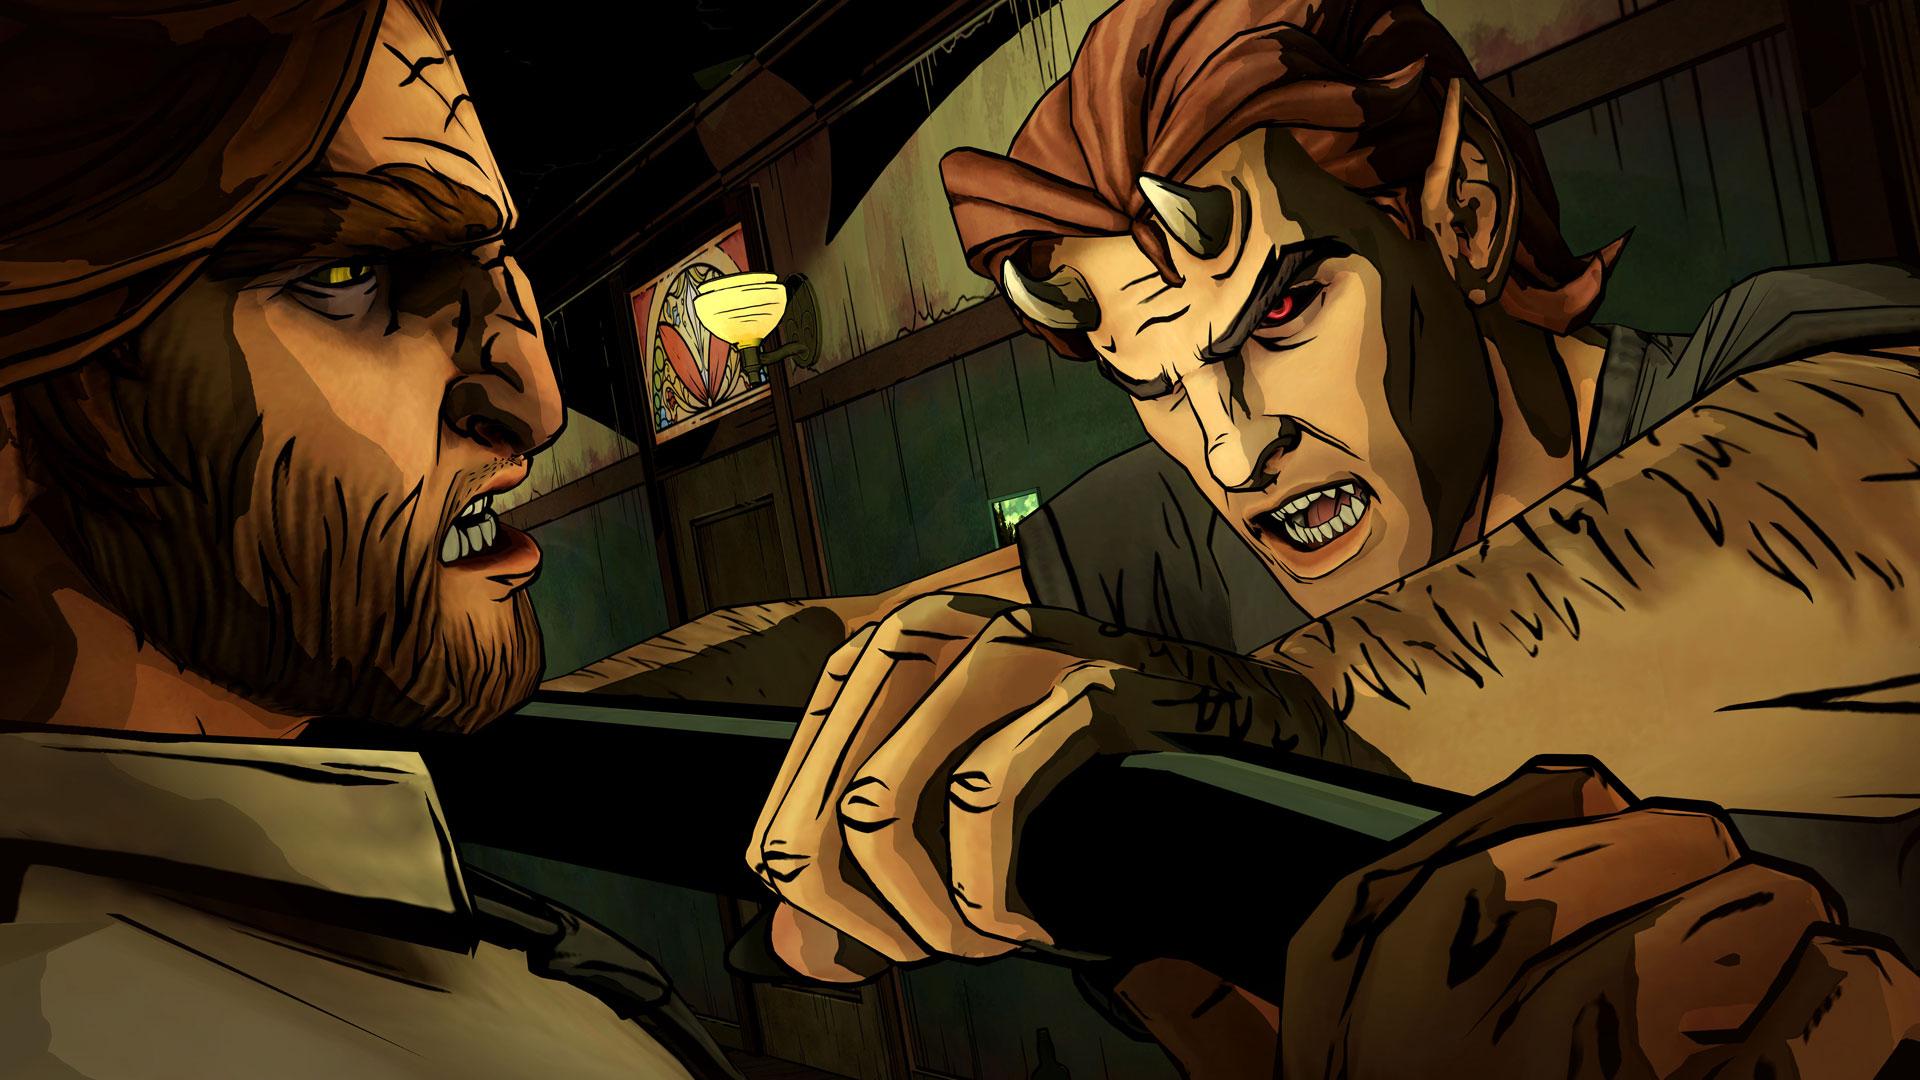 """Das nächste Serien-Projekt nach dem """"Walking Dead""""-Erfolg war eine Umsetzung der """"Wolf Among Us""""-Comics und verkaufte sich nur mäßig. Trotzdem kündigte man unlängst eine stark verspätete zweite Staffel an, die jetzt nie erscheinen wird."""